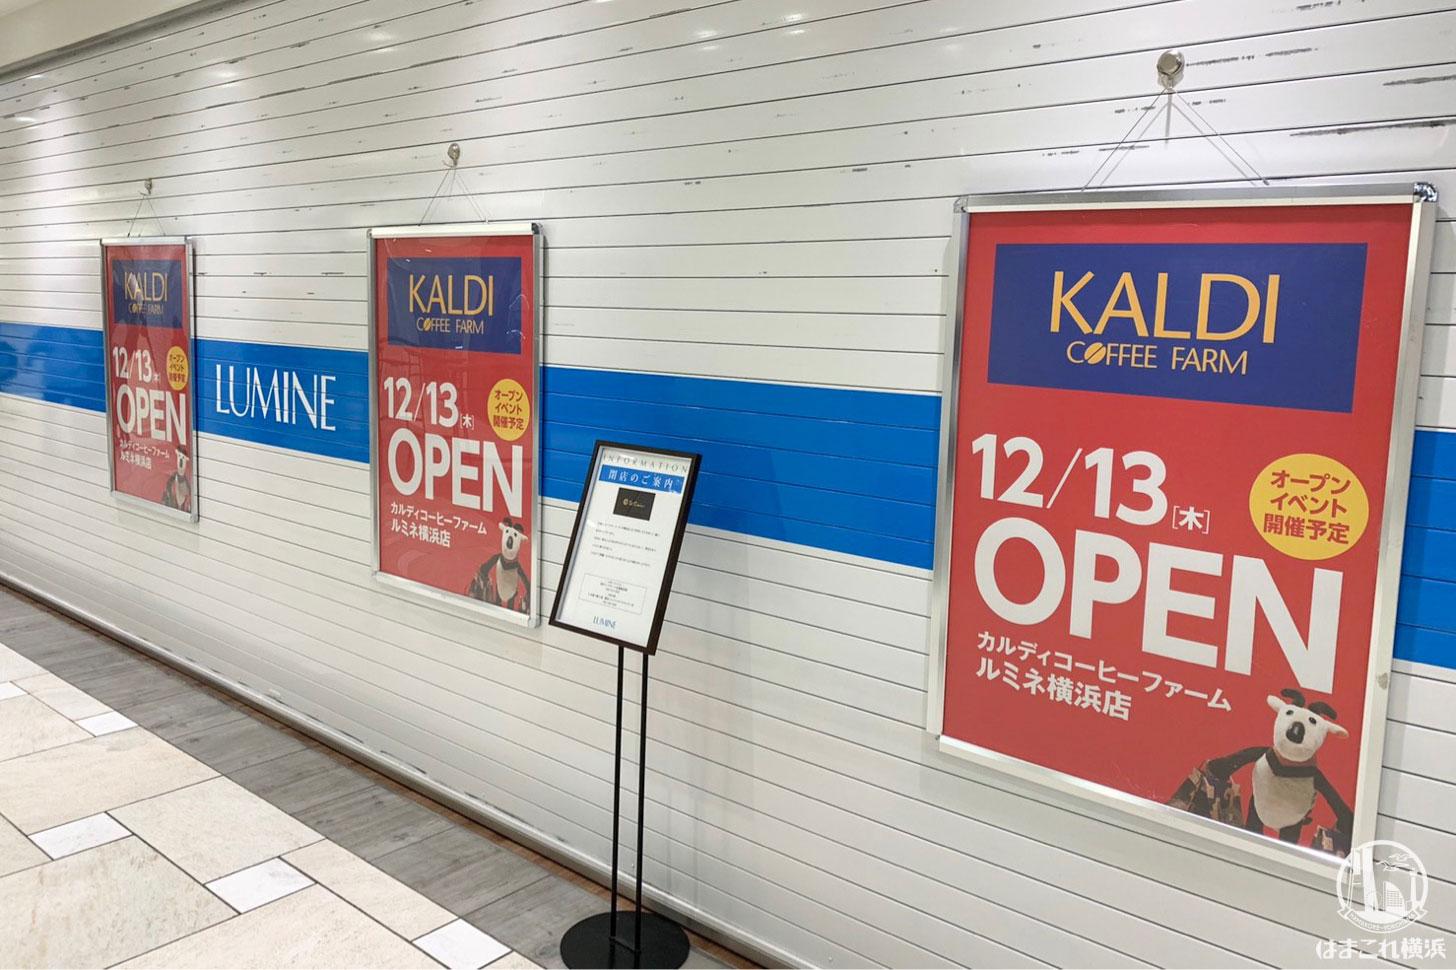 カルディコーヒーファーム ルミネ横浜店 オープン情報